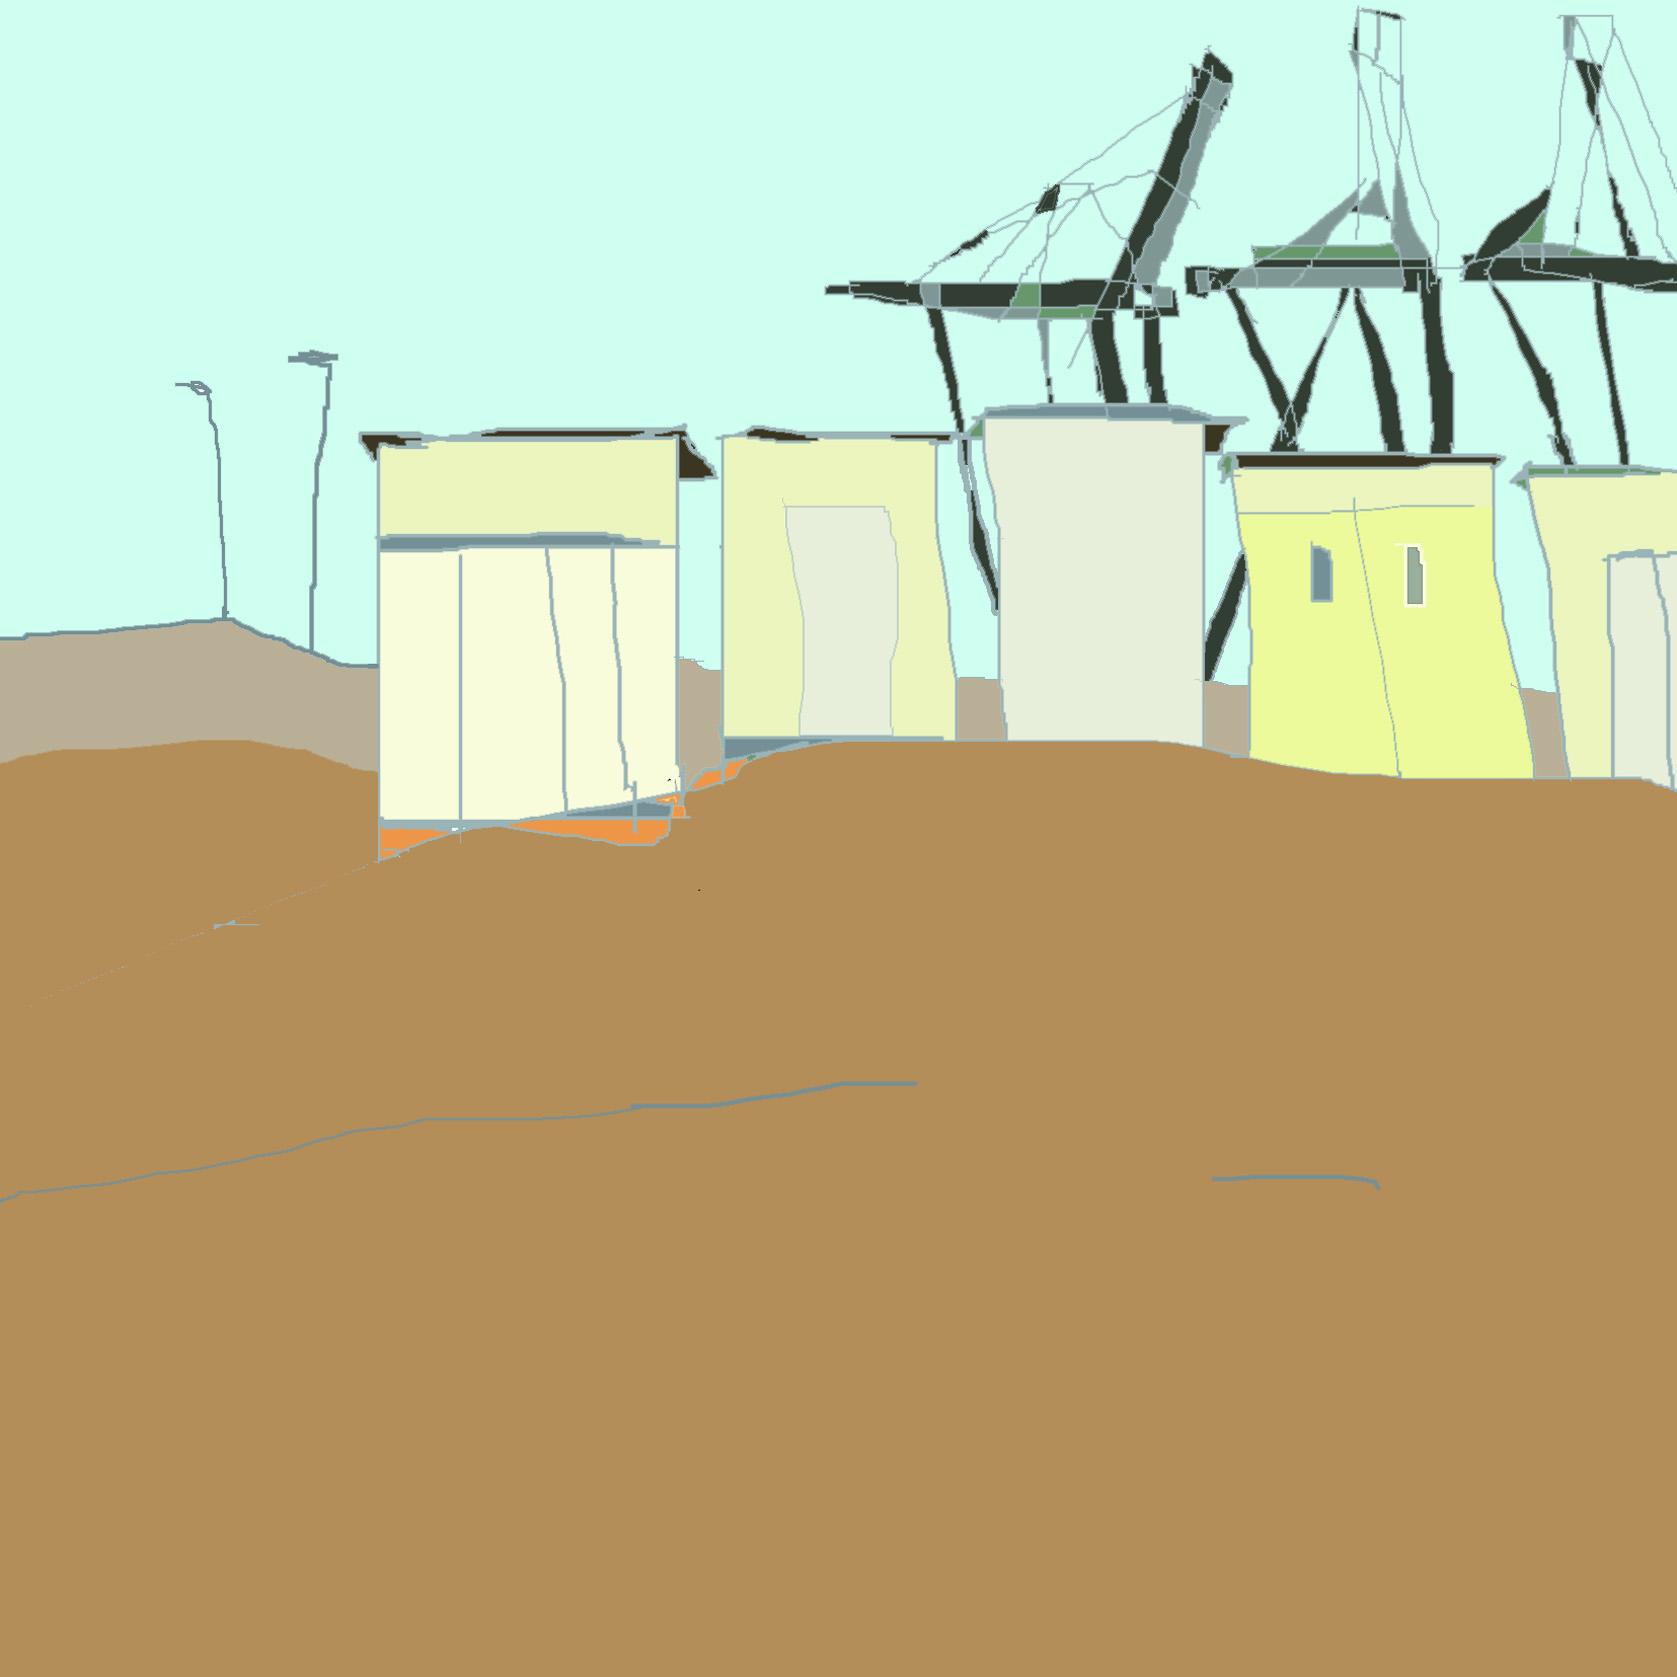 cabanes vertes et jaunes de la mer du nord, belgique